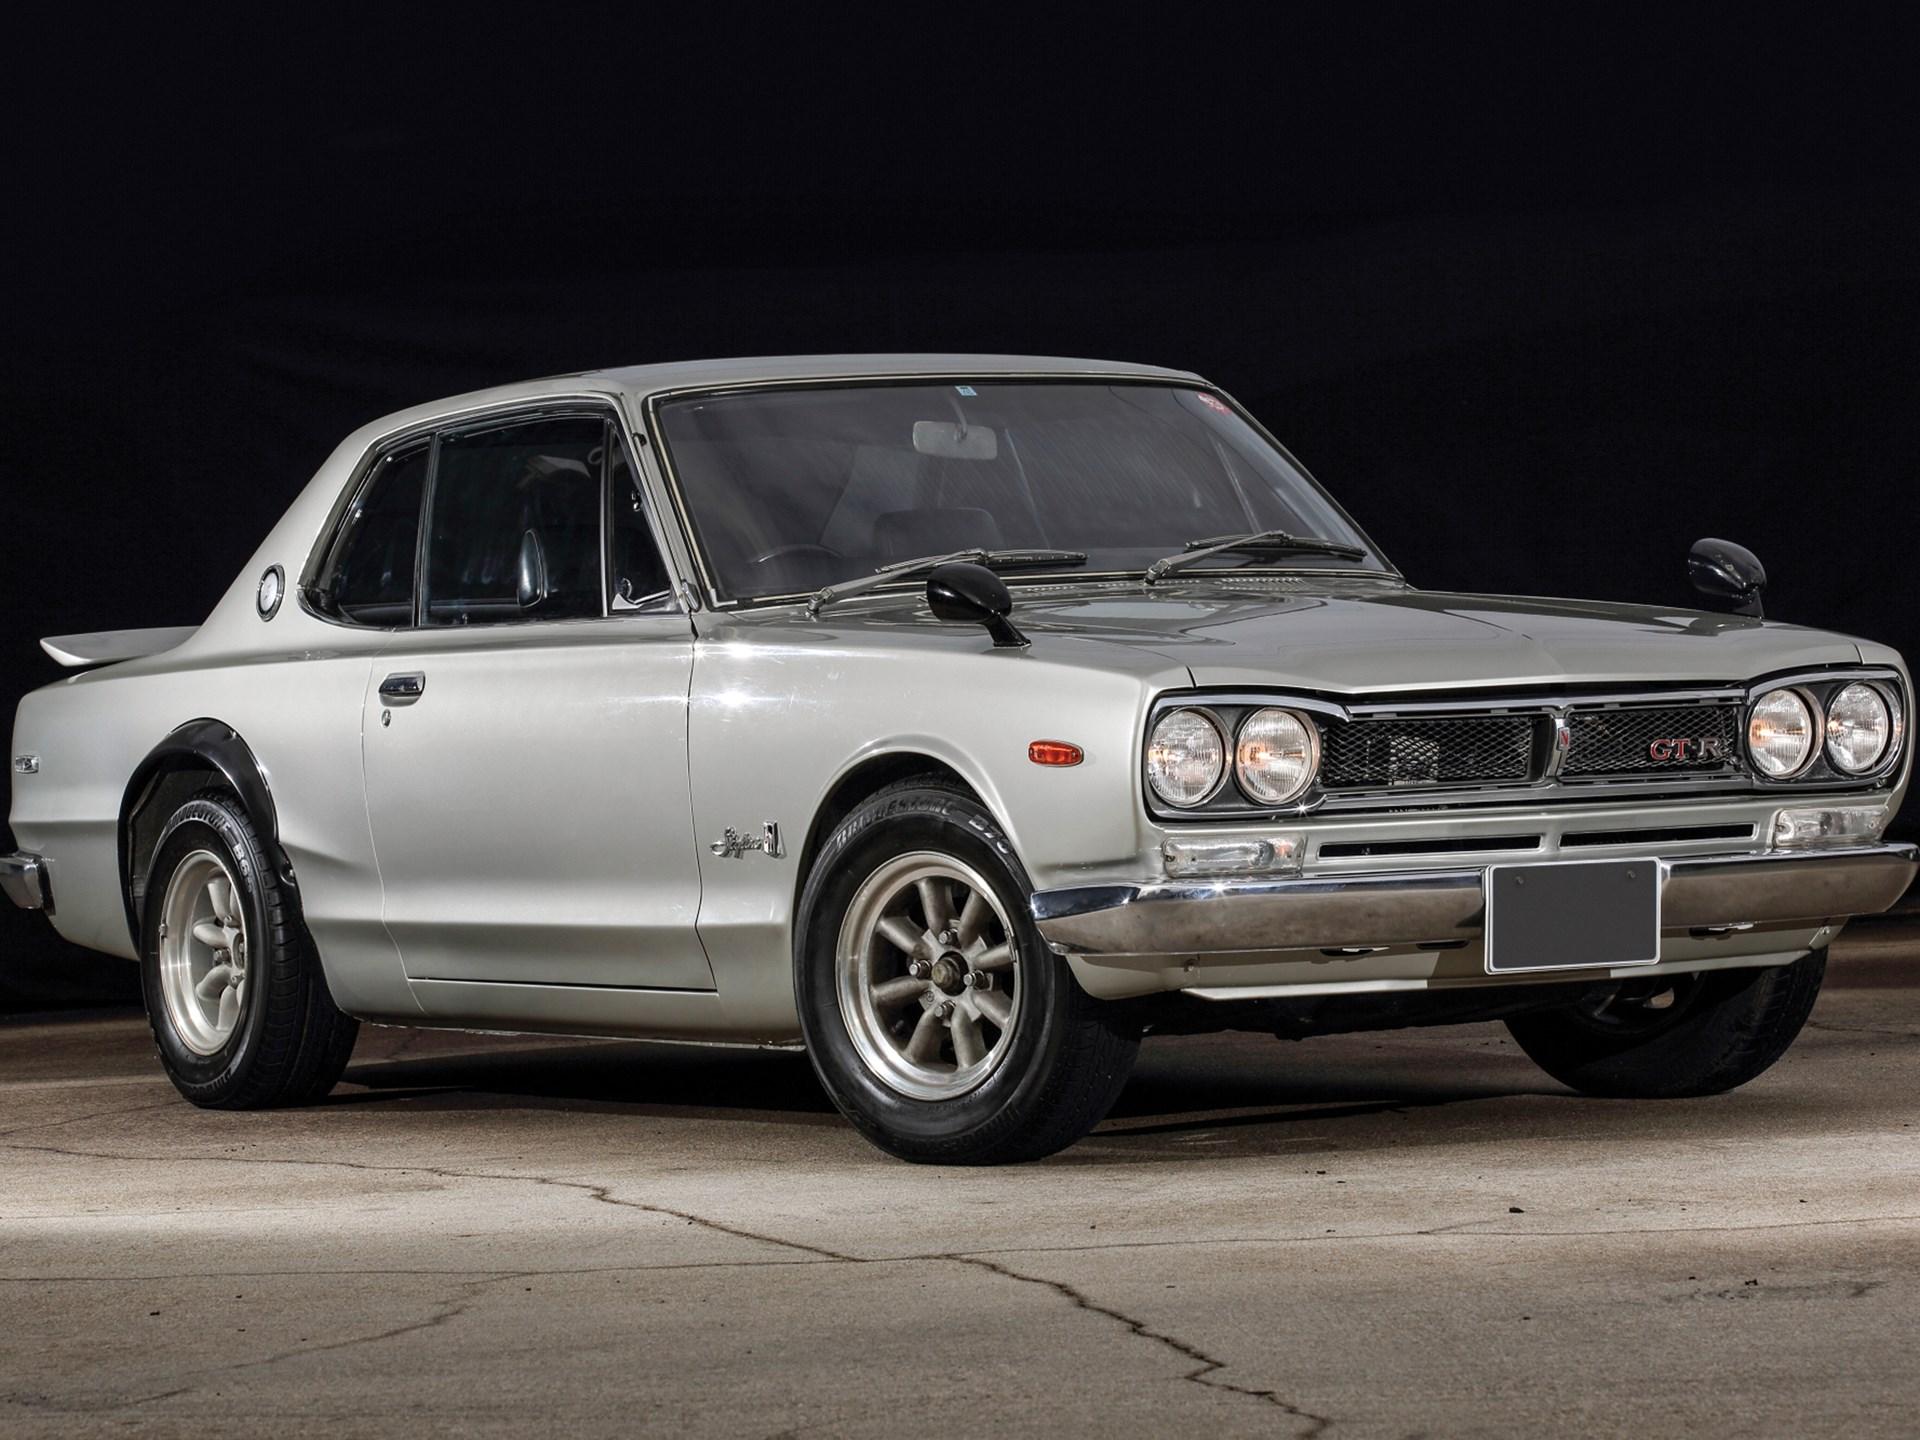 RM Sotheby's - 1972 Nissan Skyline H/T 2000GT-R 'Hakosuka